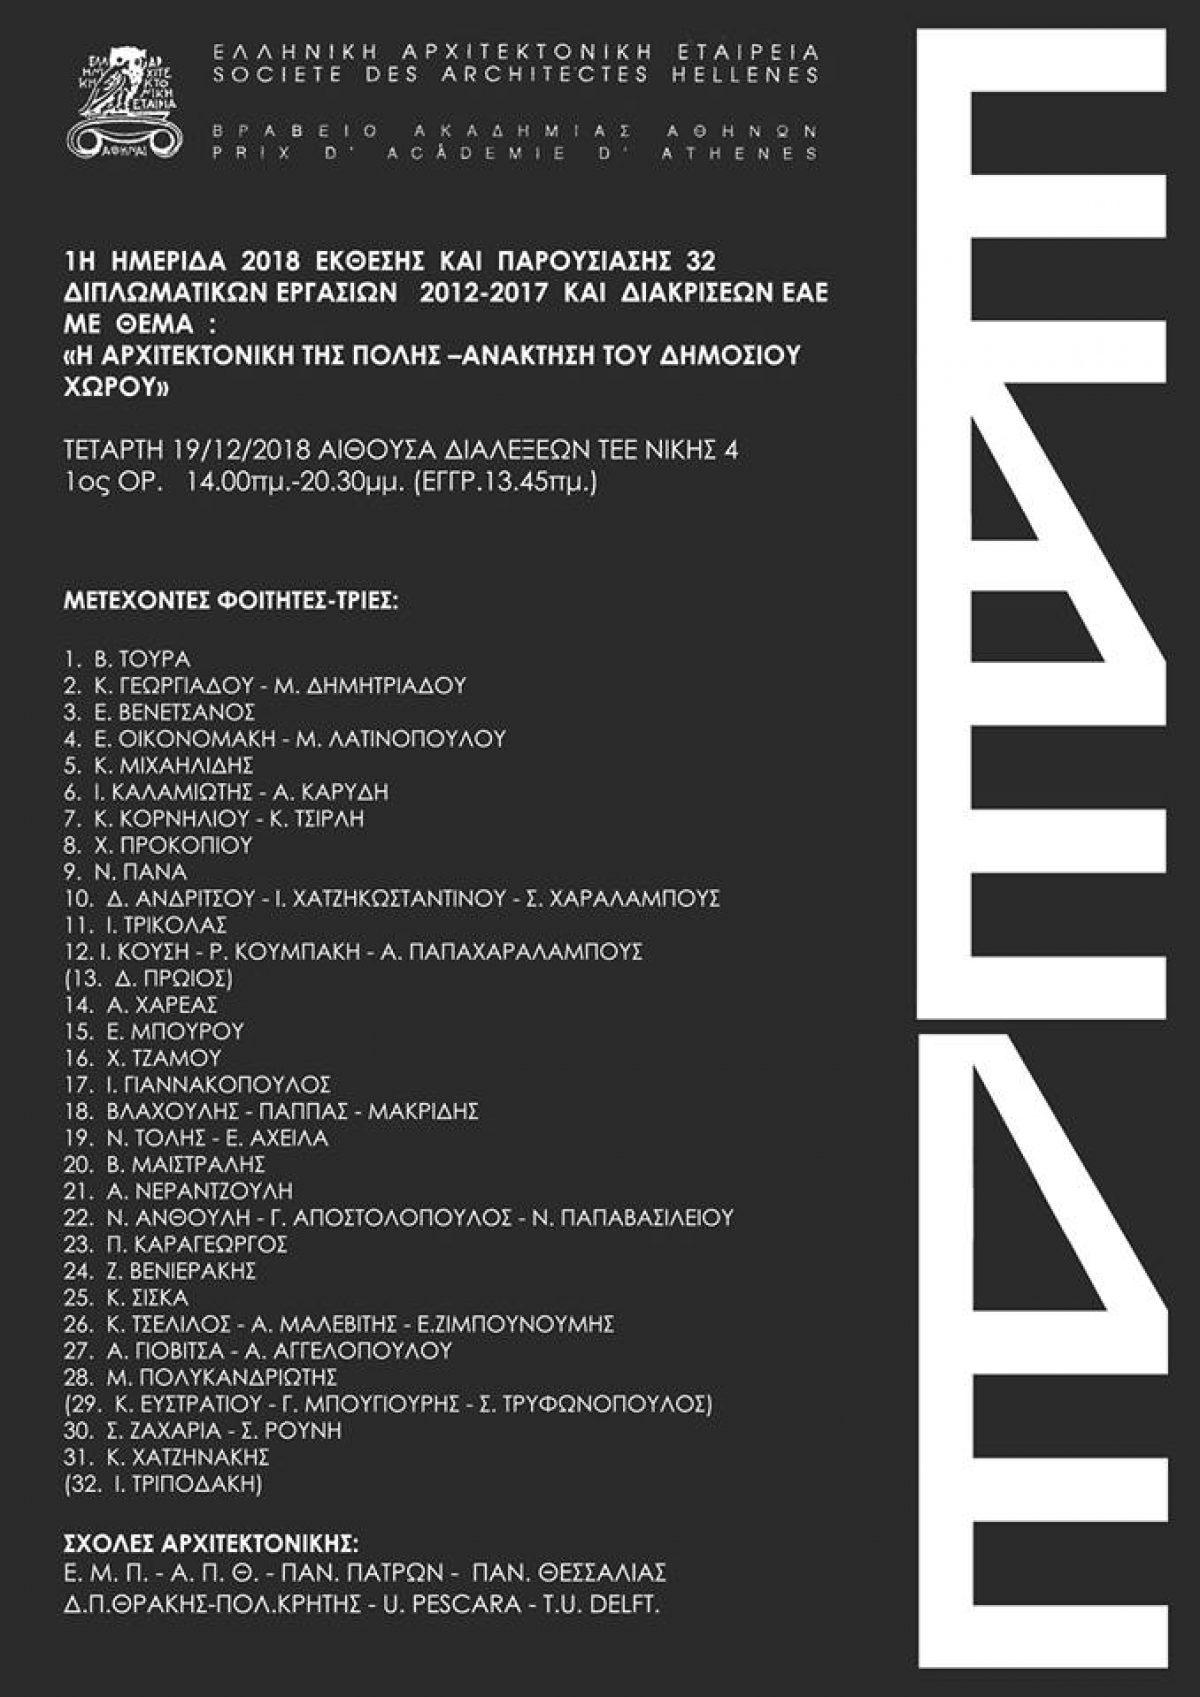 3η Εκδήλωση της Ελληνικής Αρχιτεκτονικής. Ημερίδα Παρουσίασης Διπλωματικών Εργασιών & Διακρίσεων, Τετάρτη 19.12.18